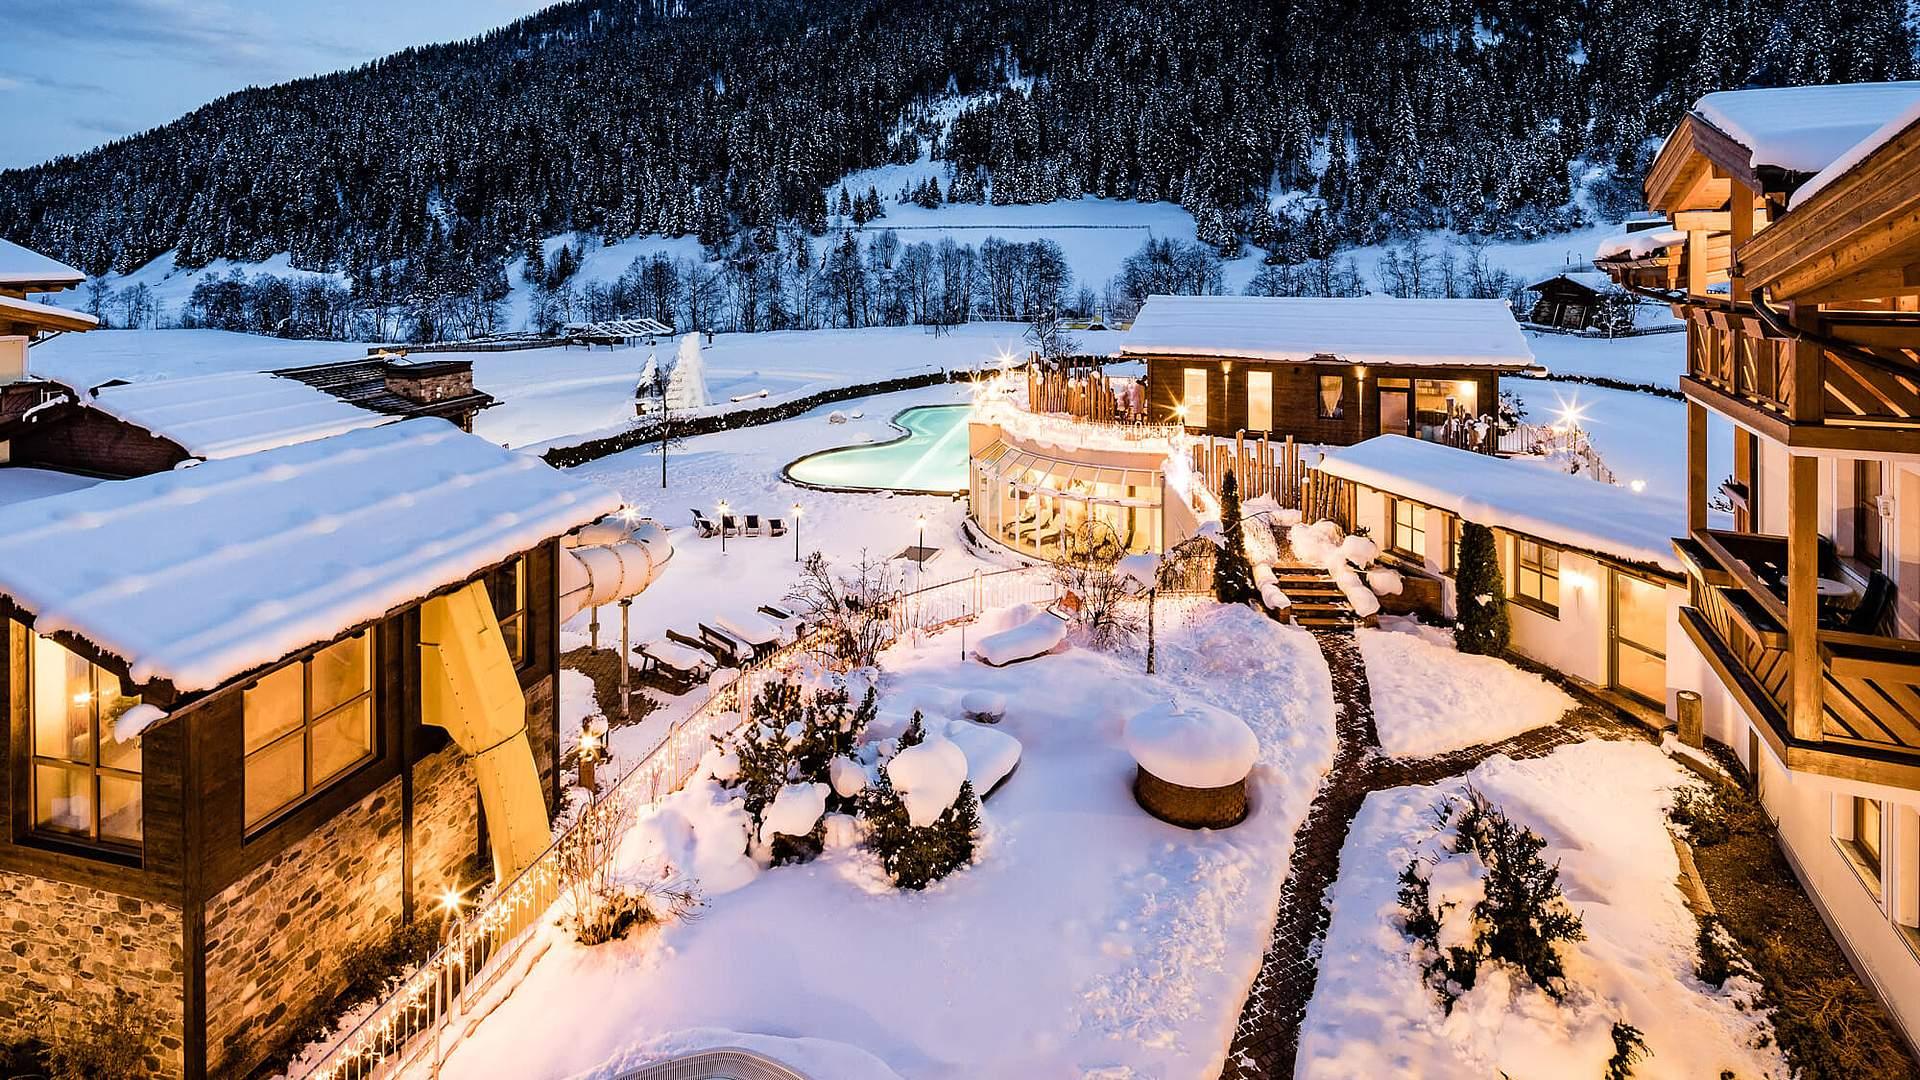 csm_hotel-schneeberg-ridnaun-suedtirol-alto-adige-winter-aussen00001_9702ced3da.jpg